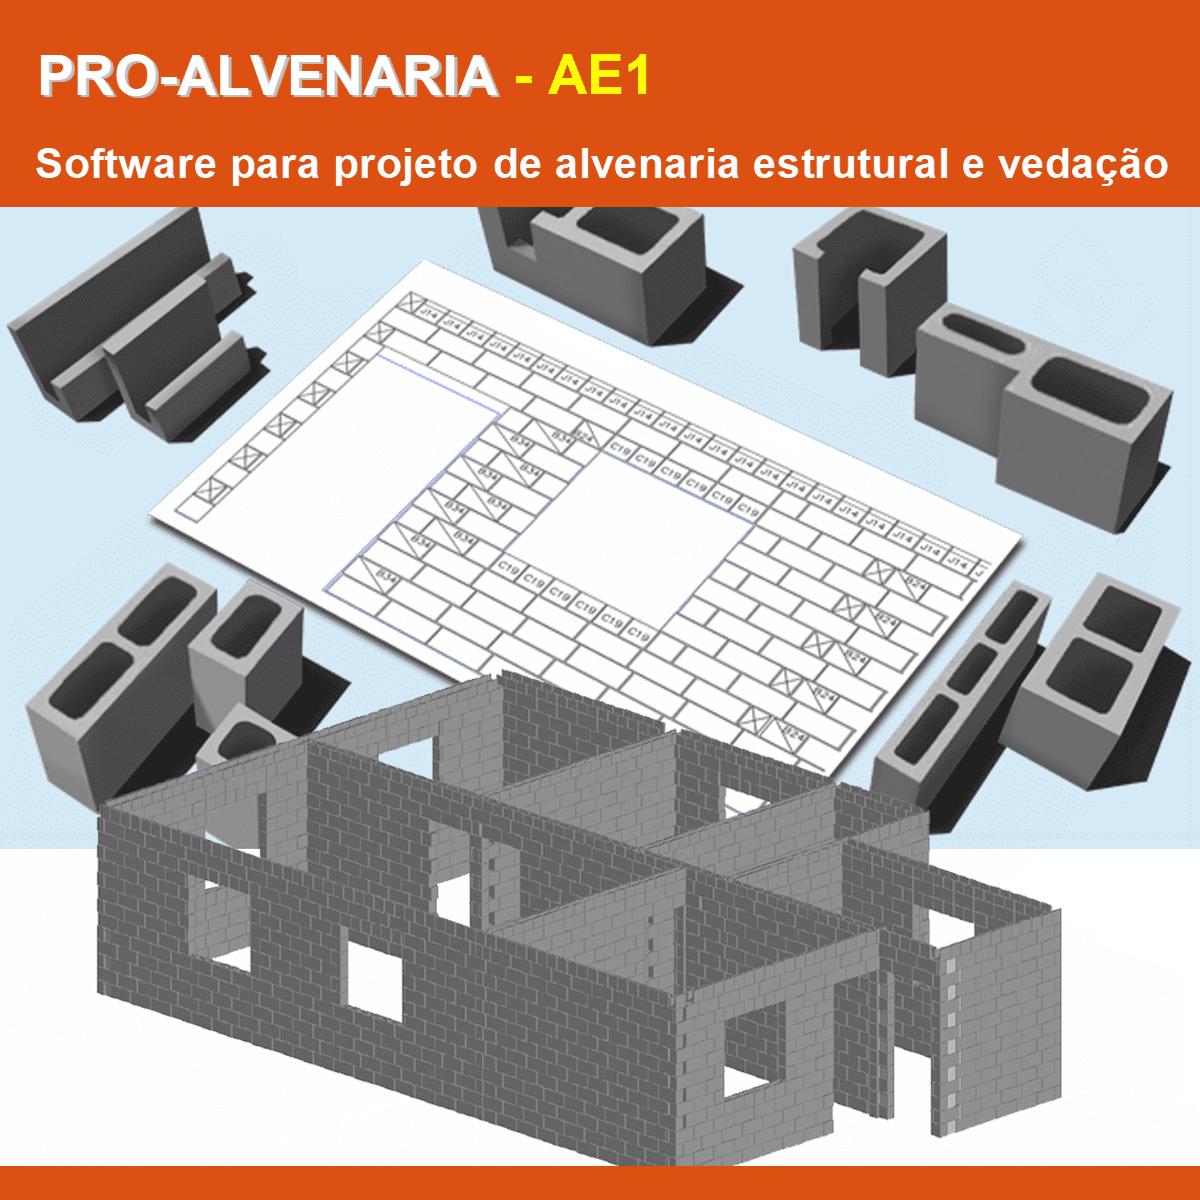 Software PRO-Alvenaria versão 18 Pacote AE1  - MULTIPLUS SOFTWARES